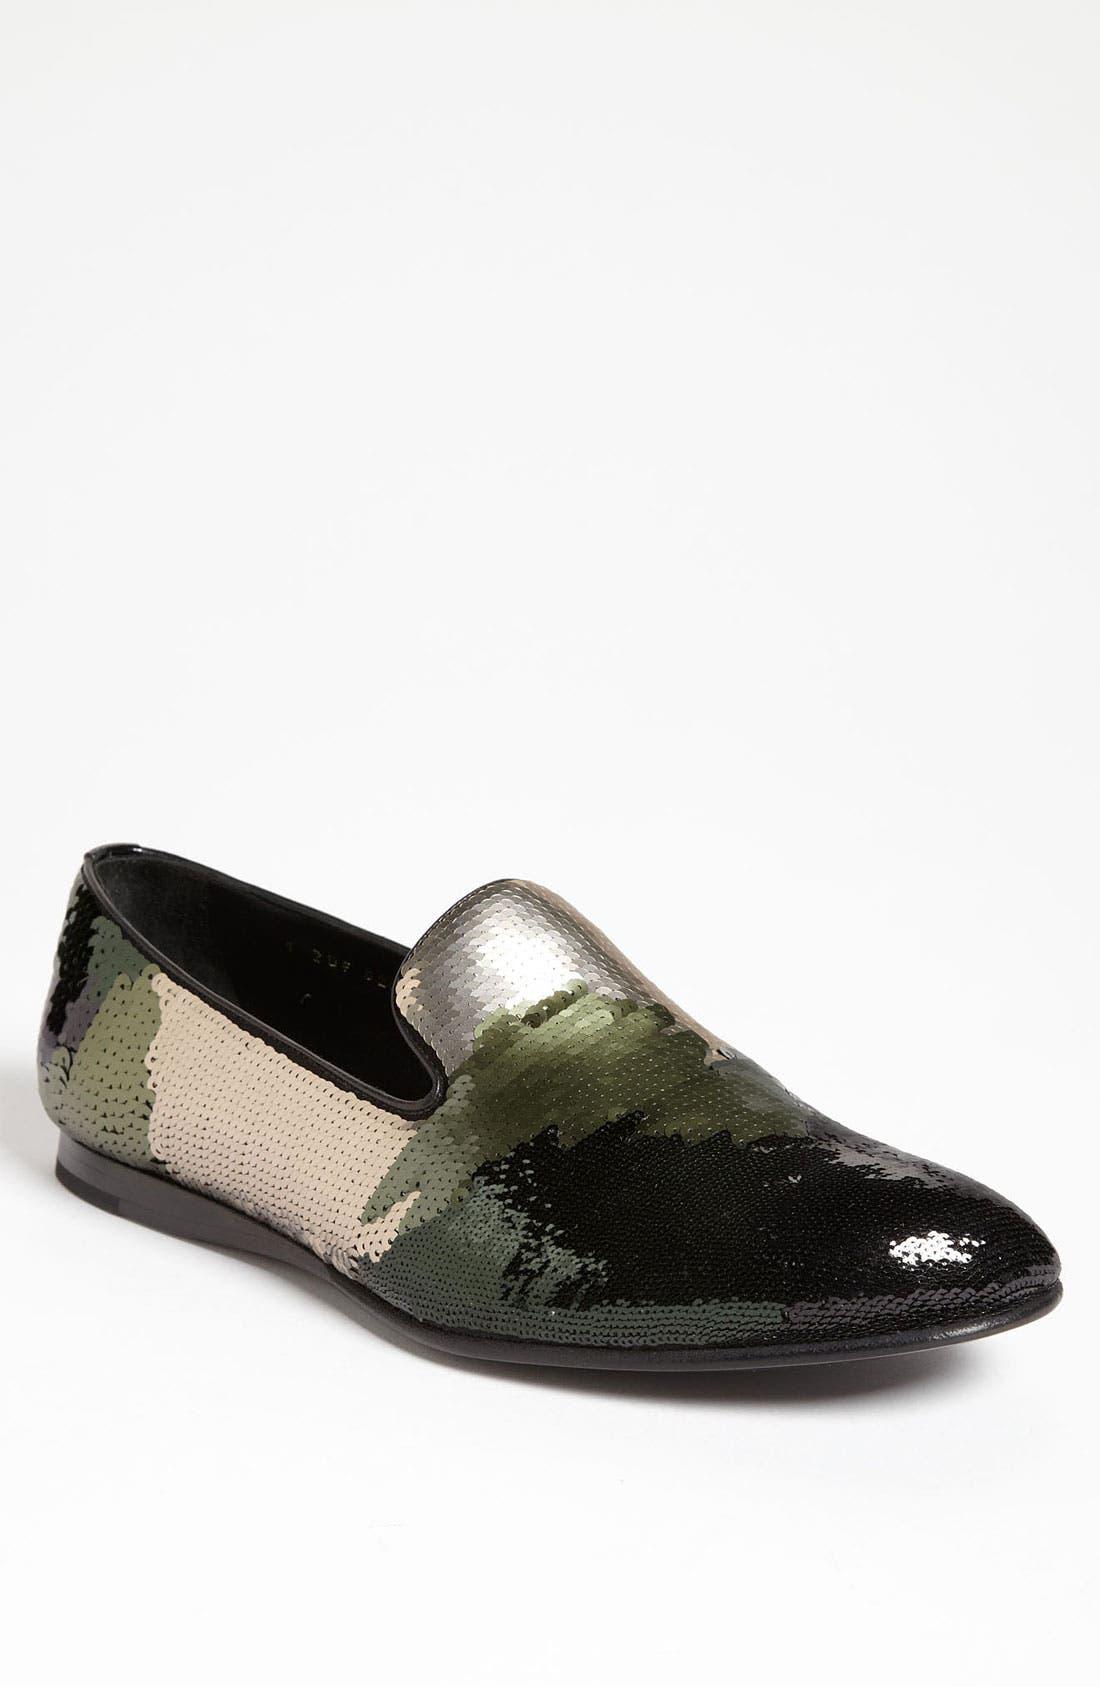 Main Image - Prada Sequin Slipper